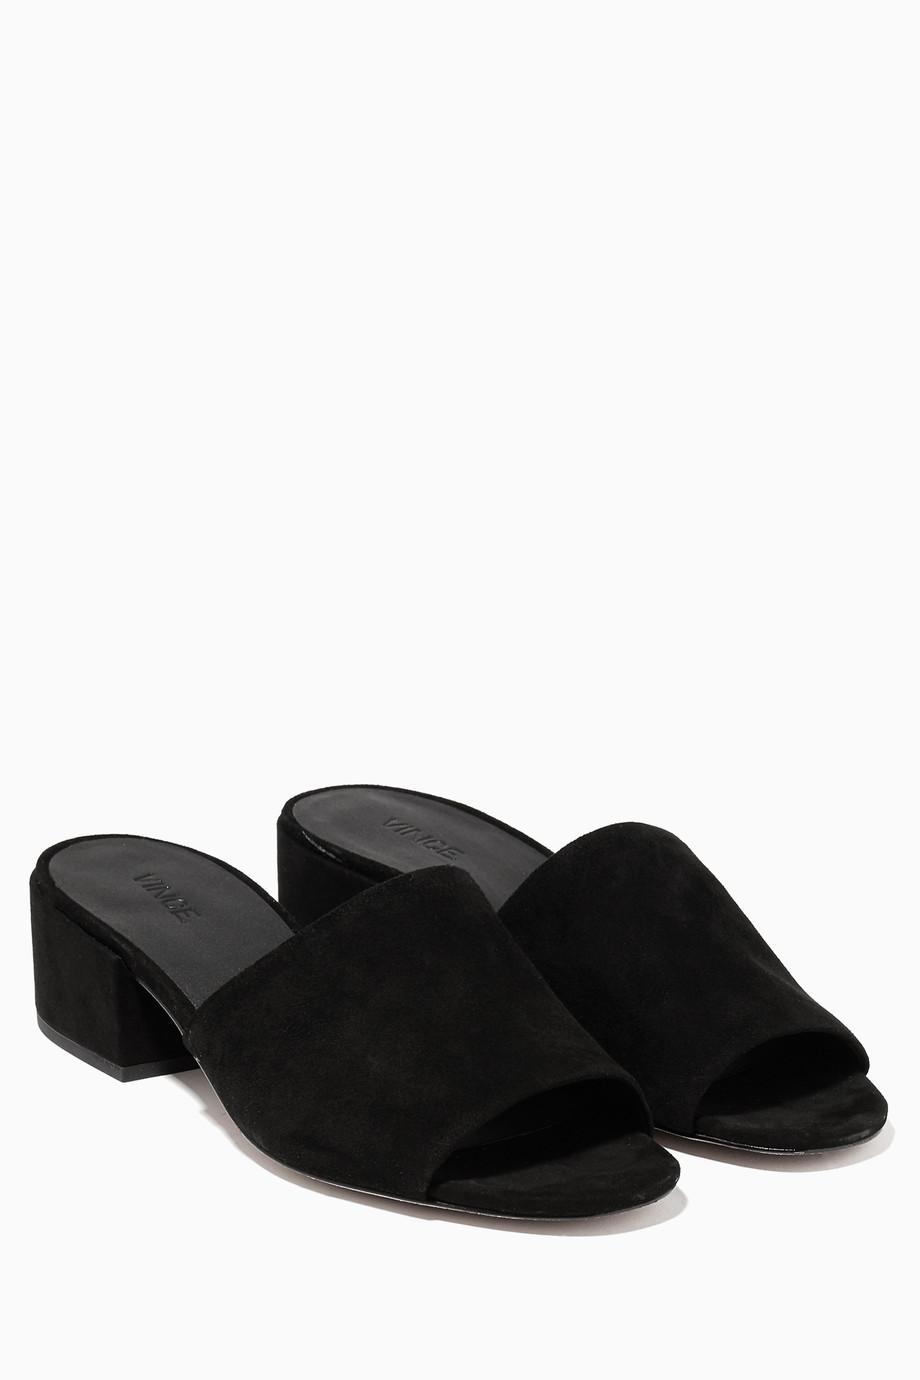 7098acc68ab Shop Vince Black Black Suede Rachelle Mules for Women